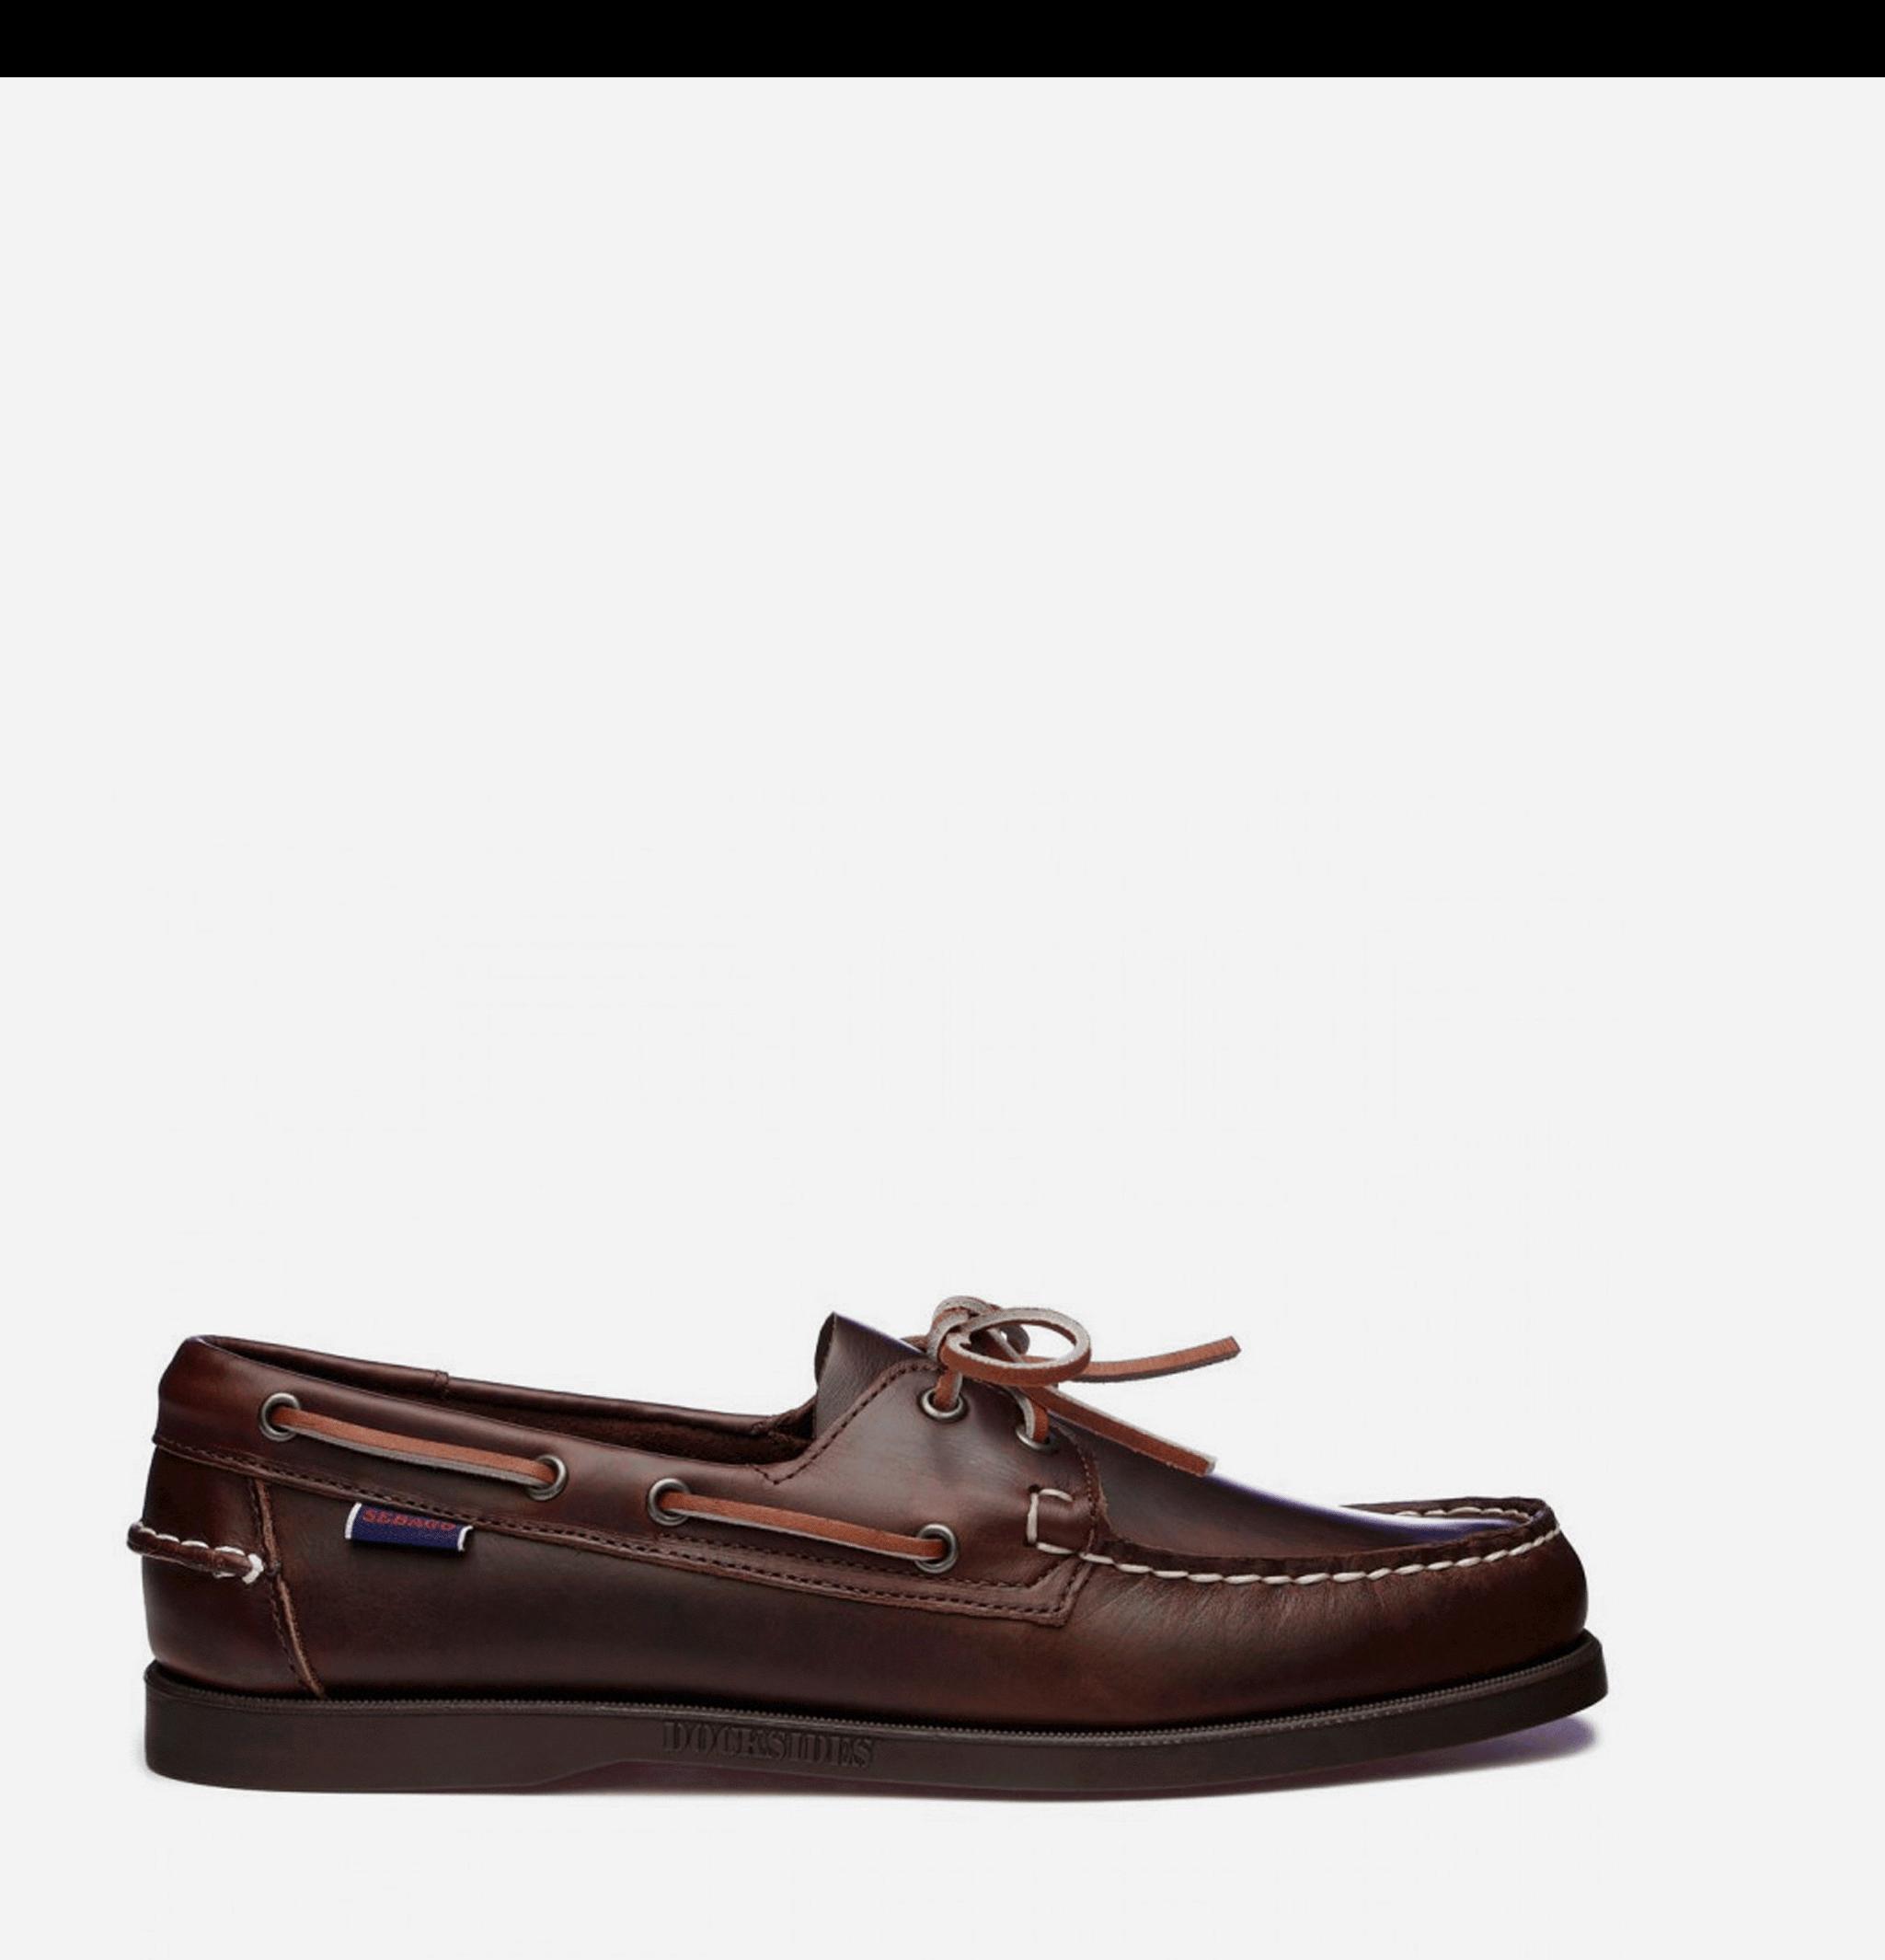 Docksides Shoe Brown